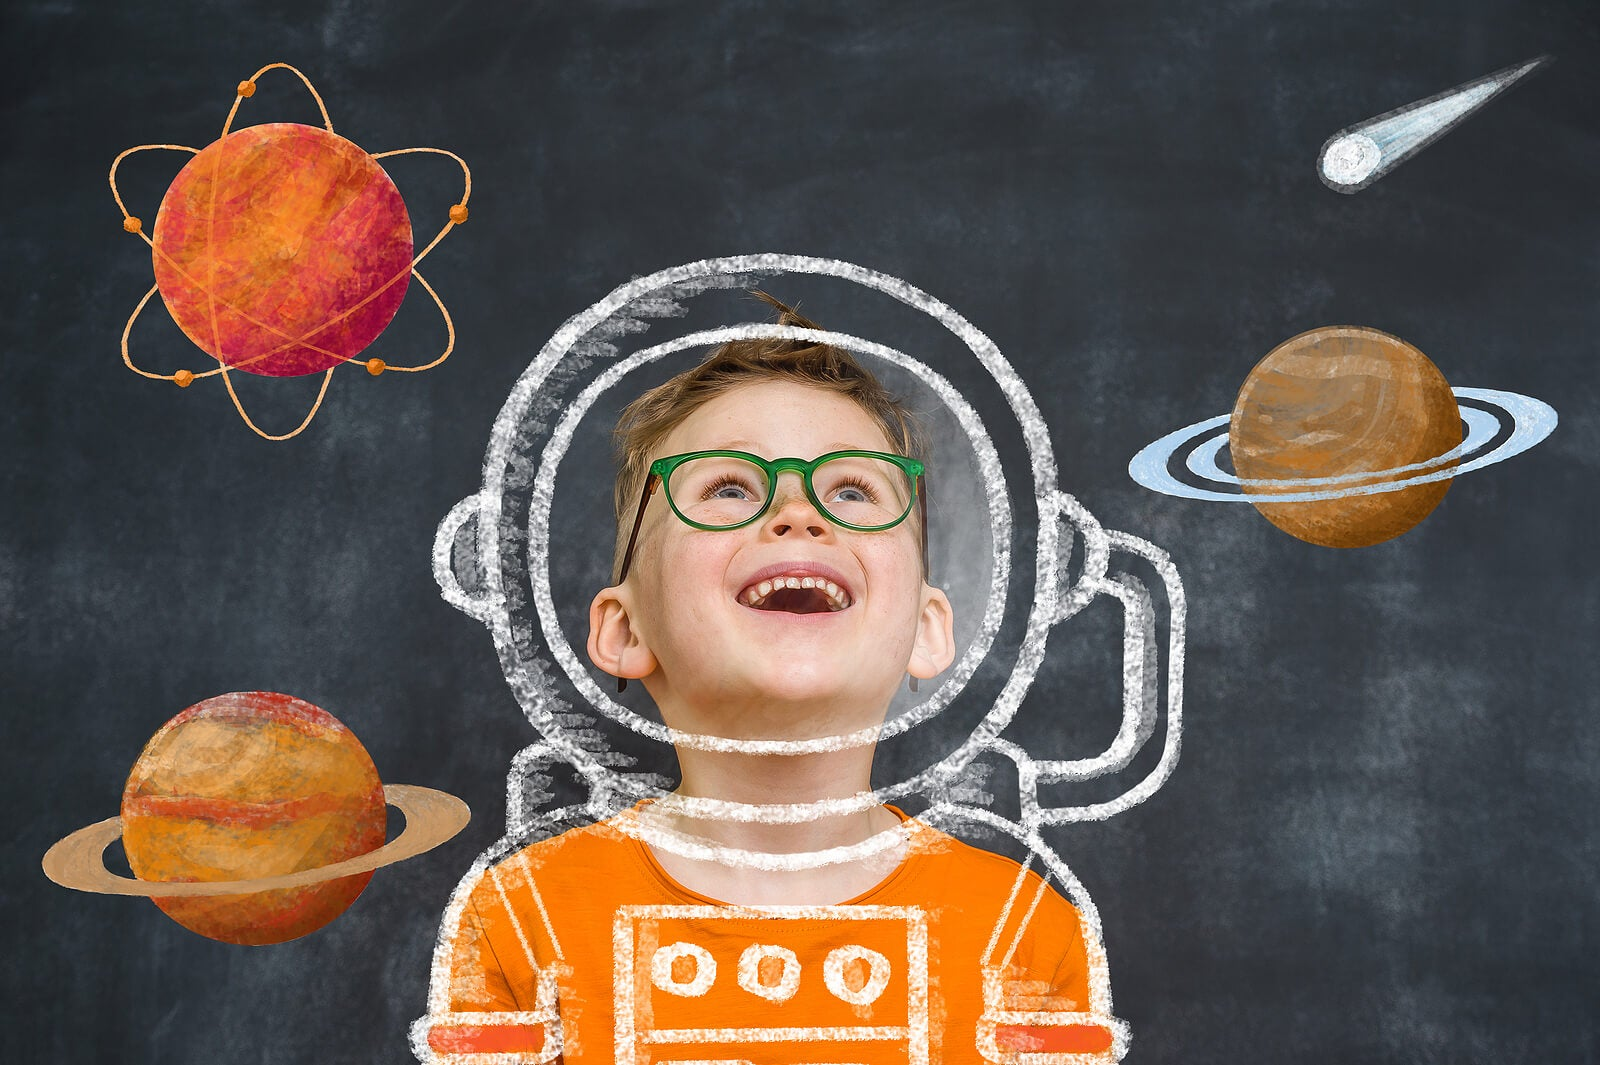 Garçon motivé à l'école pour réaliser son rêve d'être astronaute.